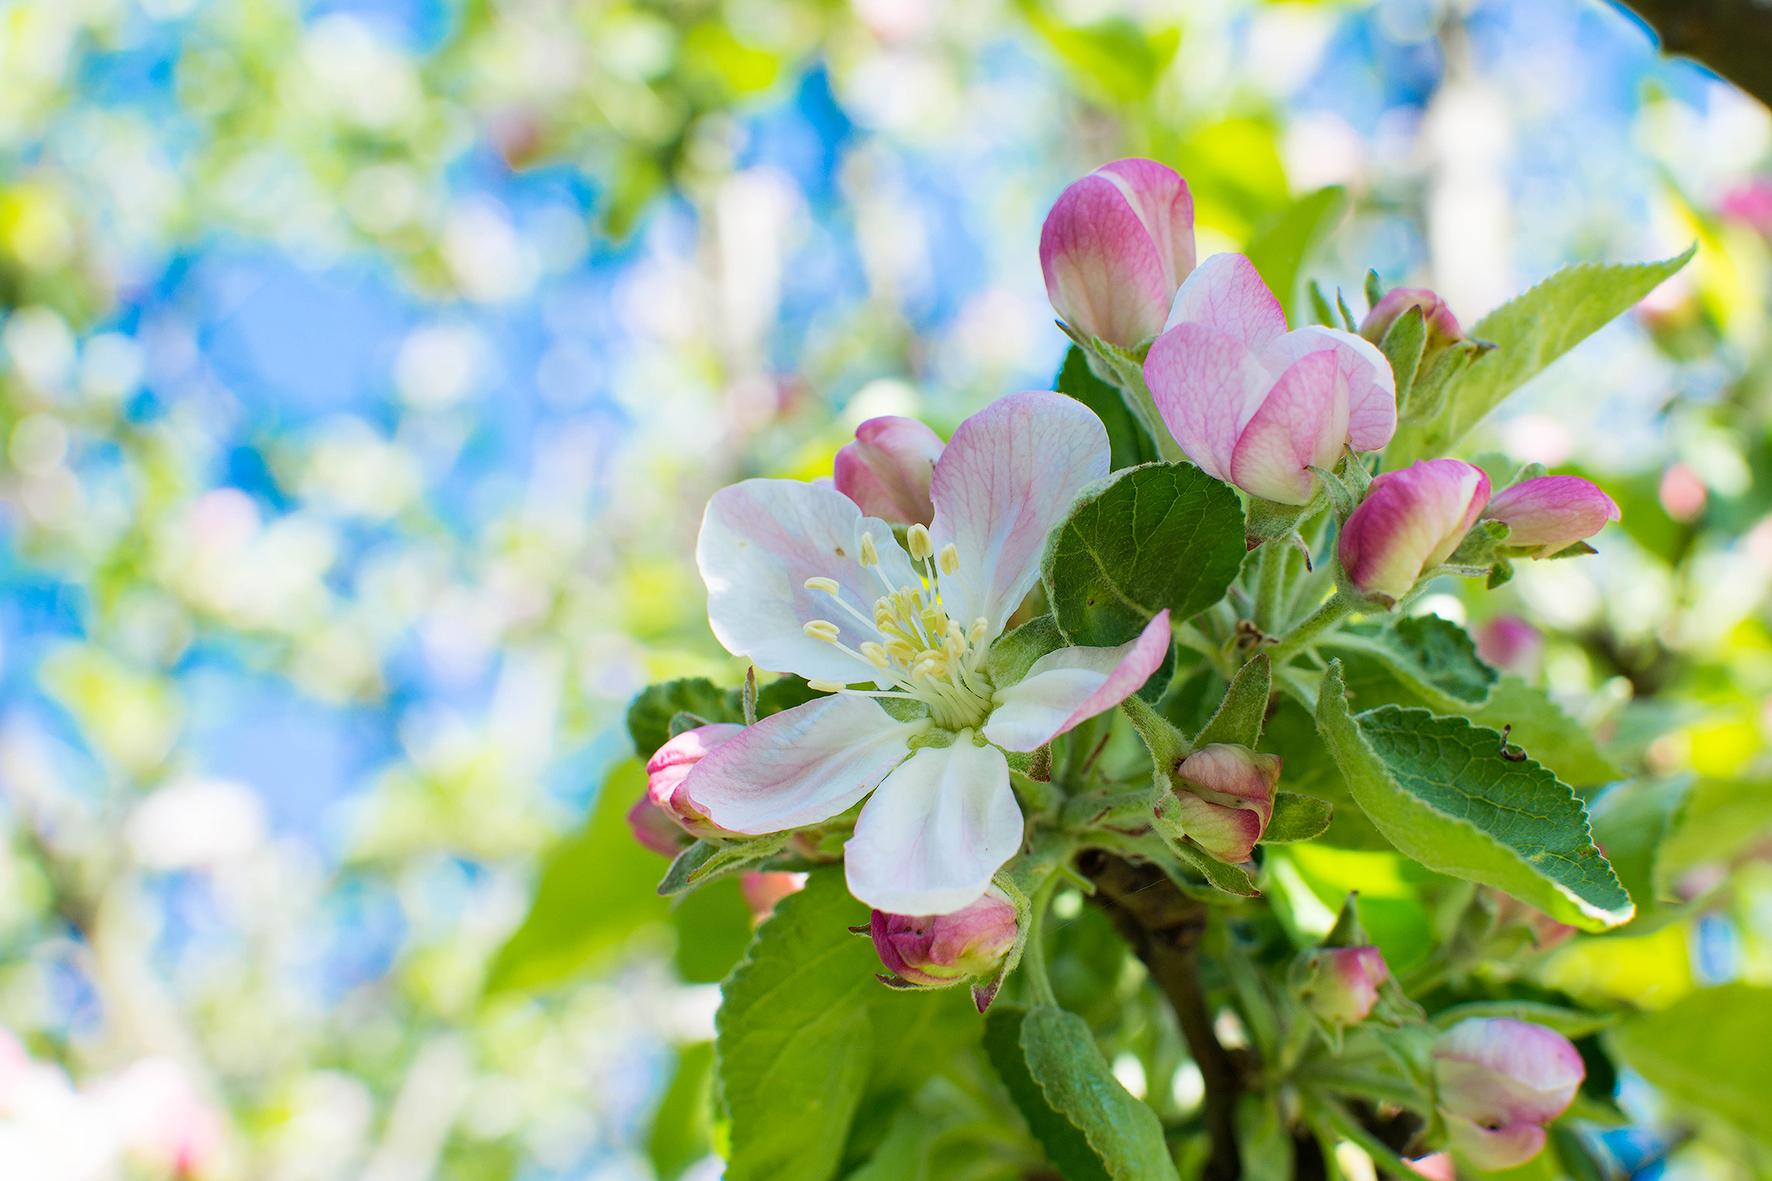 владеет невероятной цвет яблони обои на рабочий стол правда видно, люблю